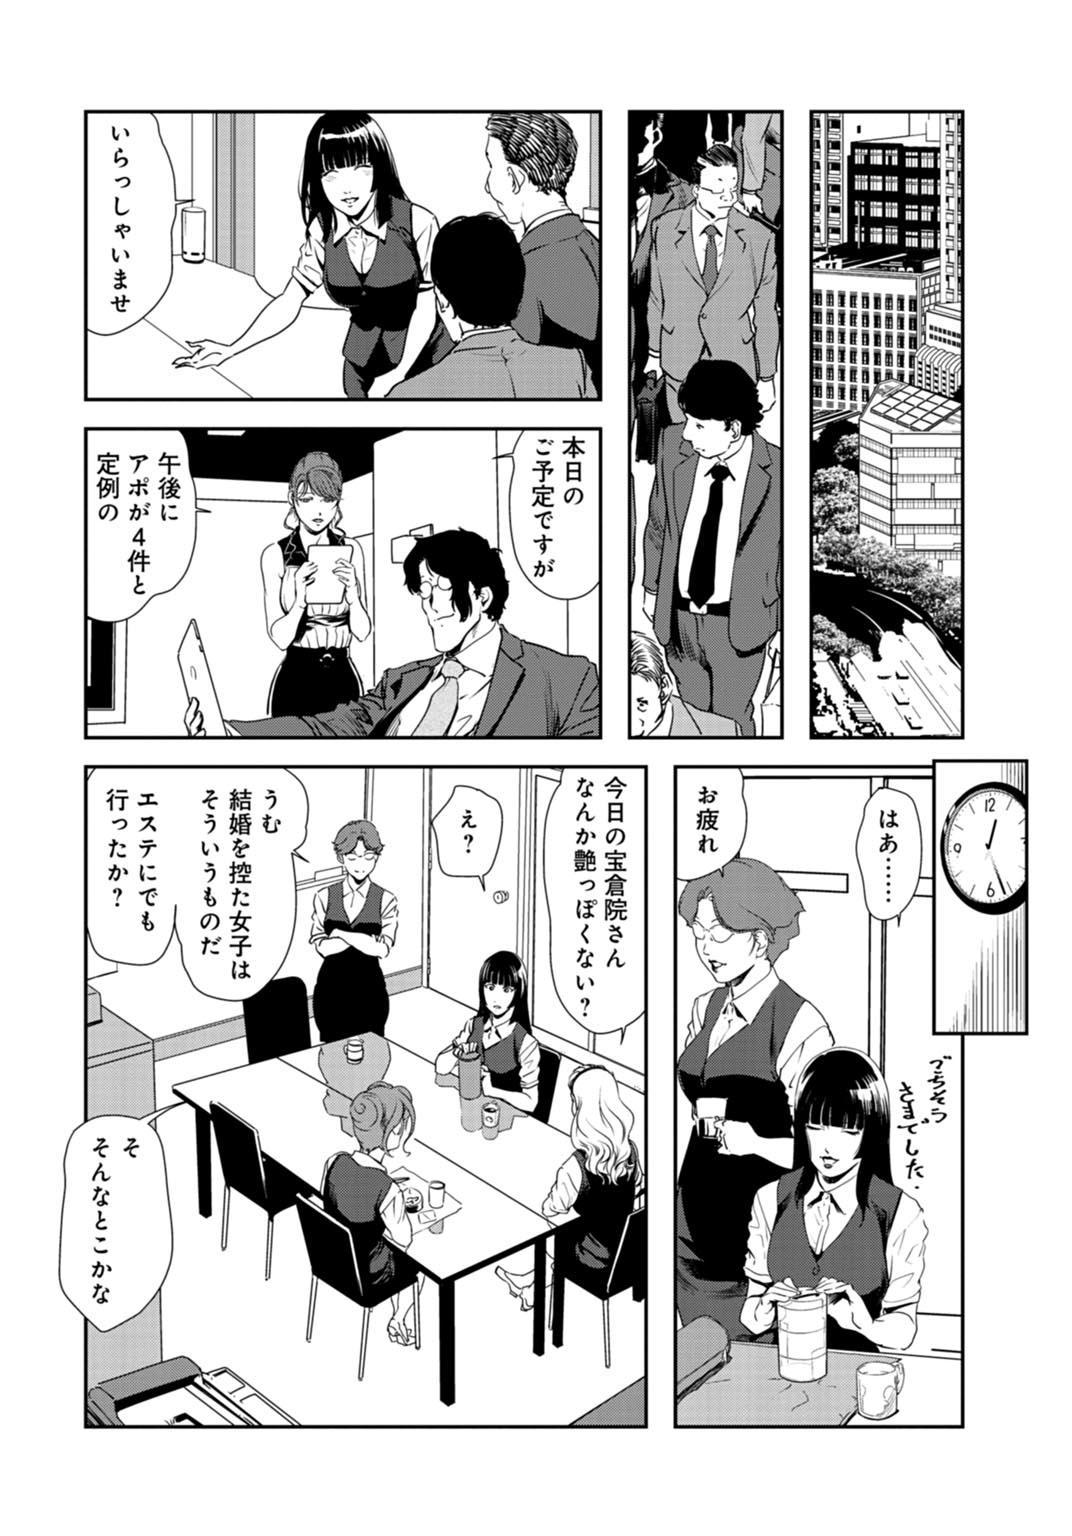 Nikuhisyo Yukiko 26 66